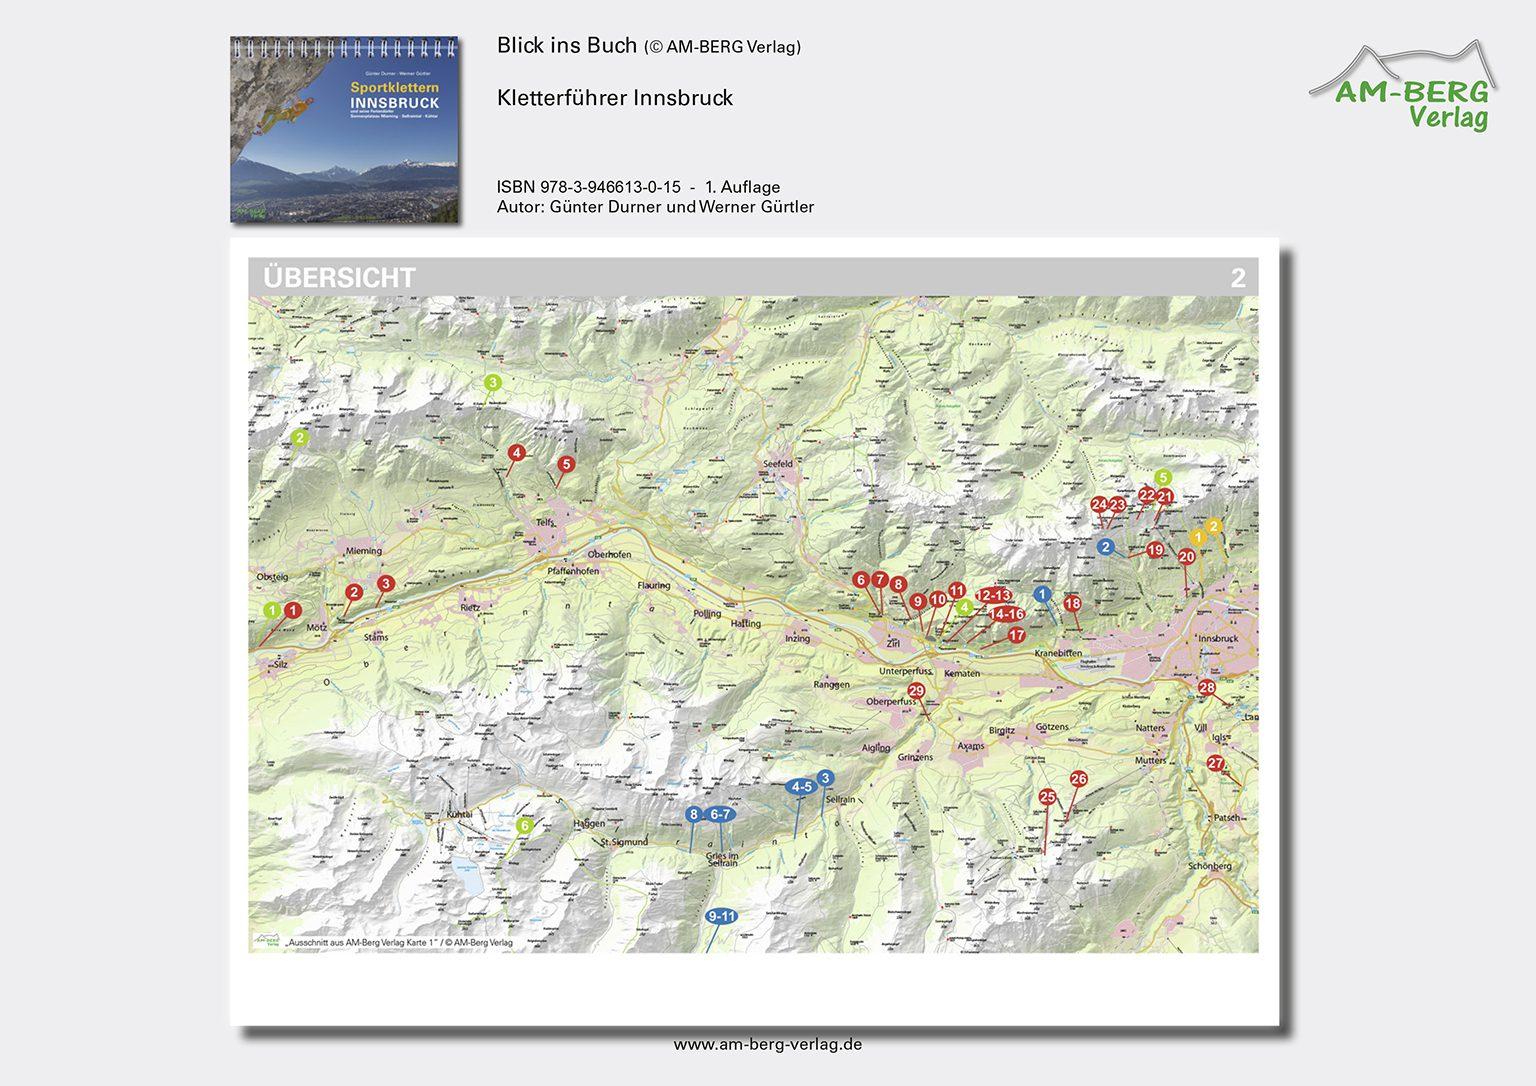 Sportklettern-Innsbruck-BlickinsBuch02